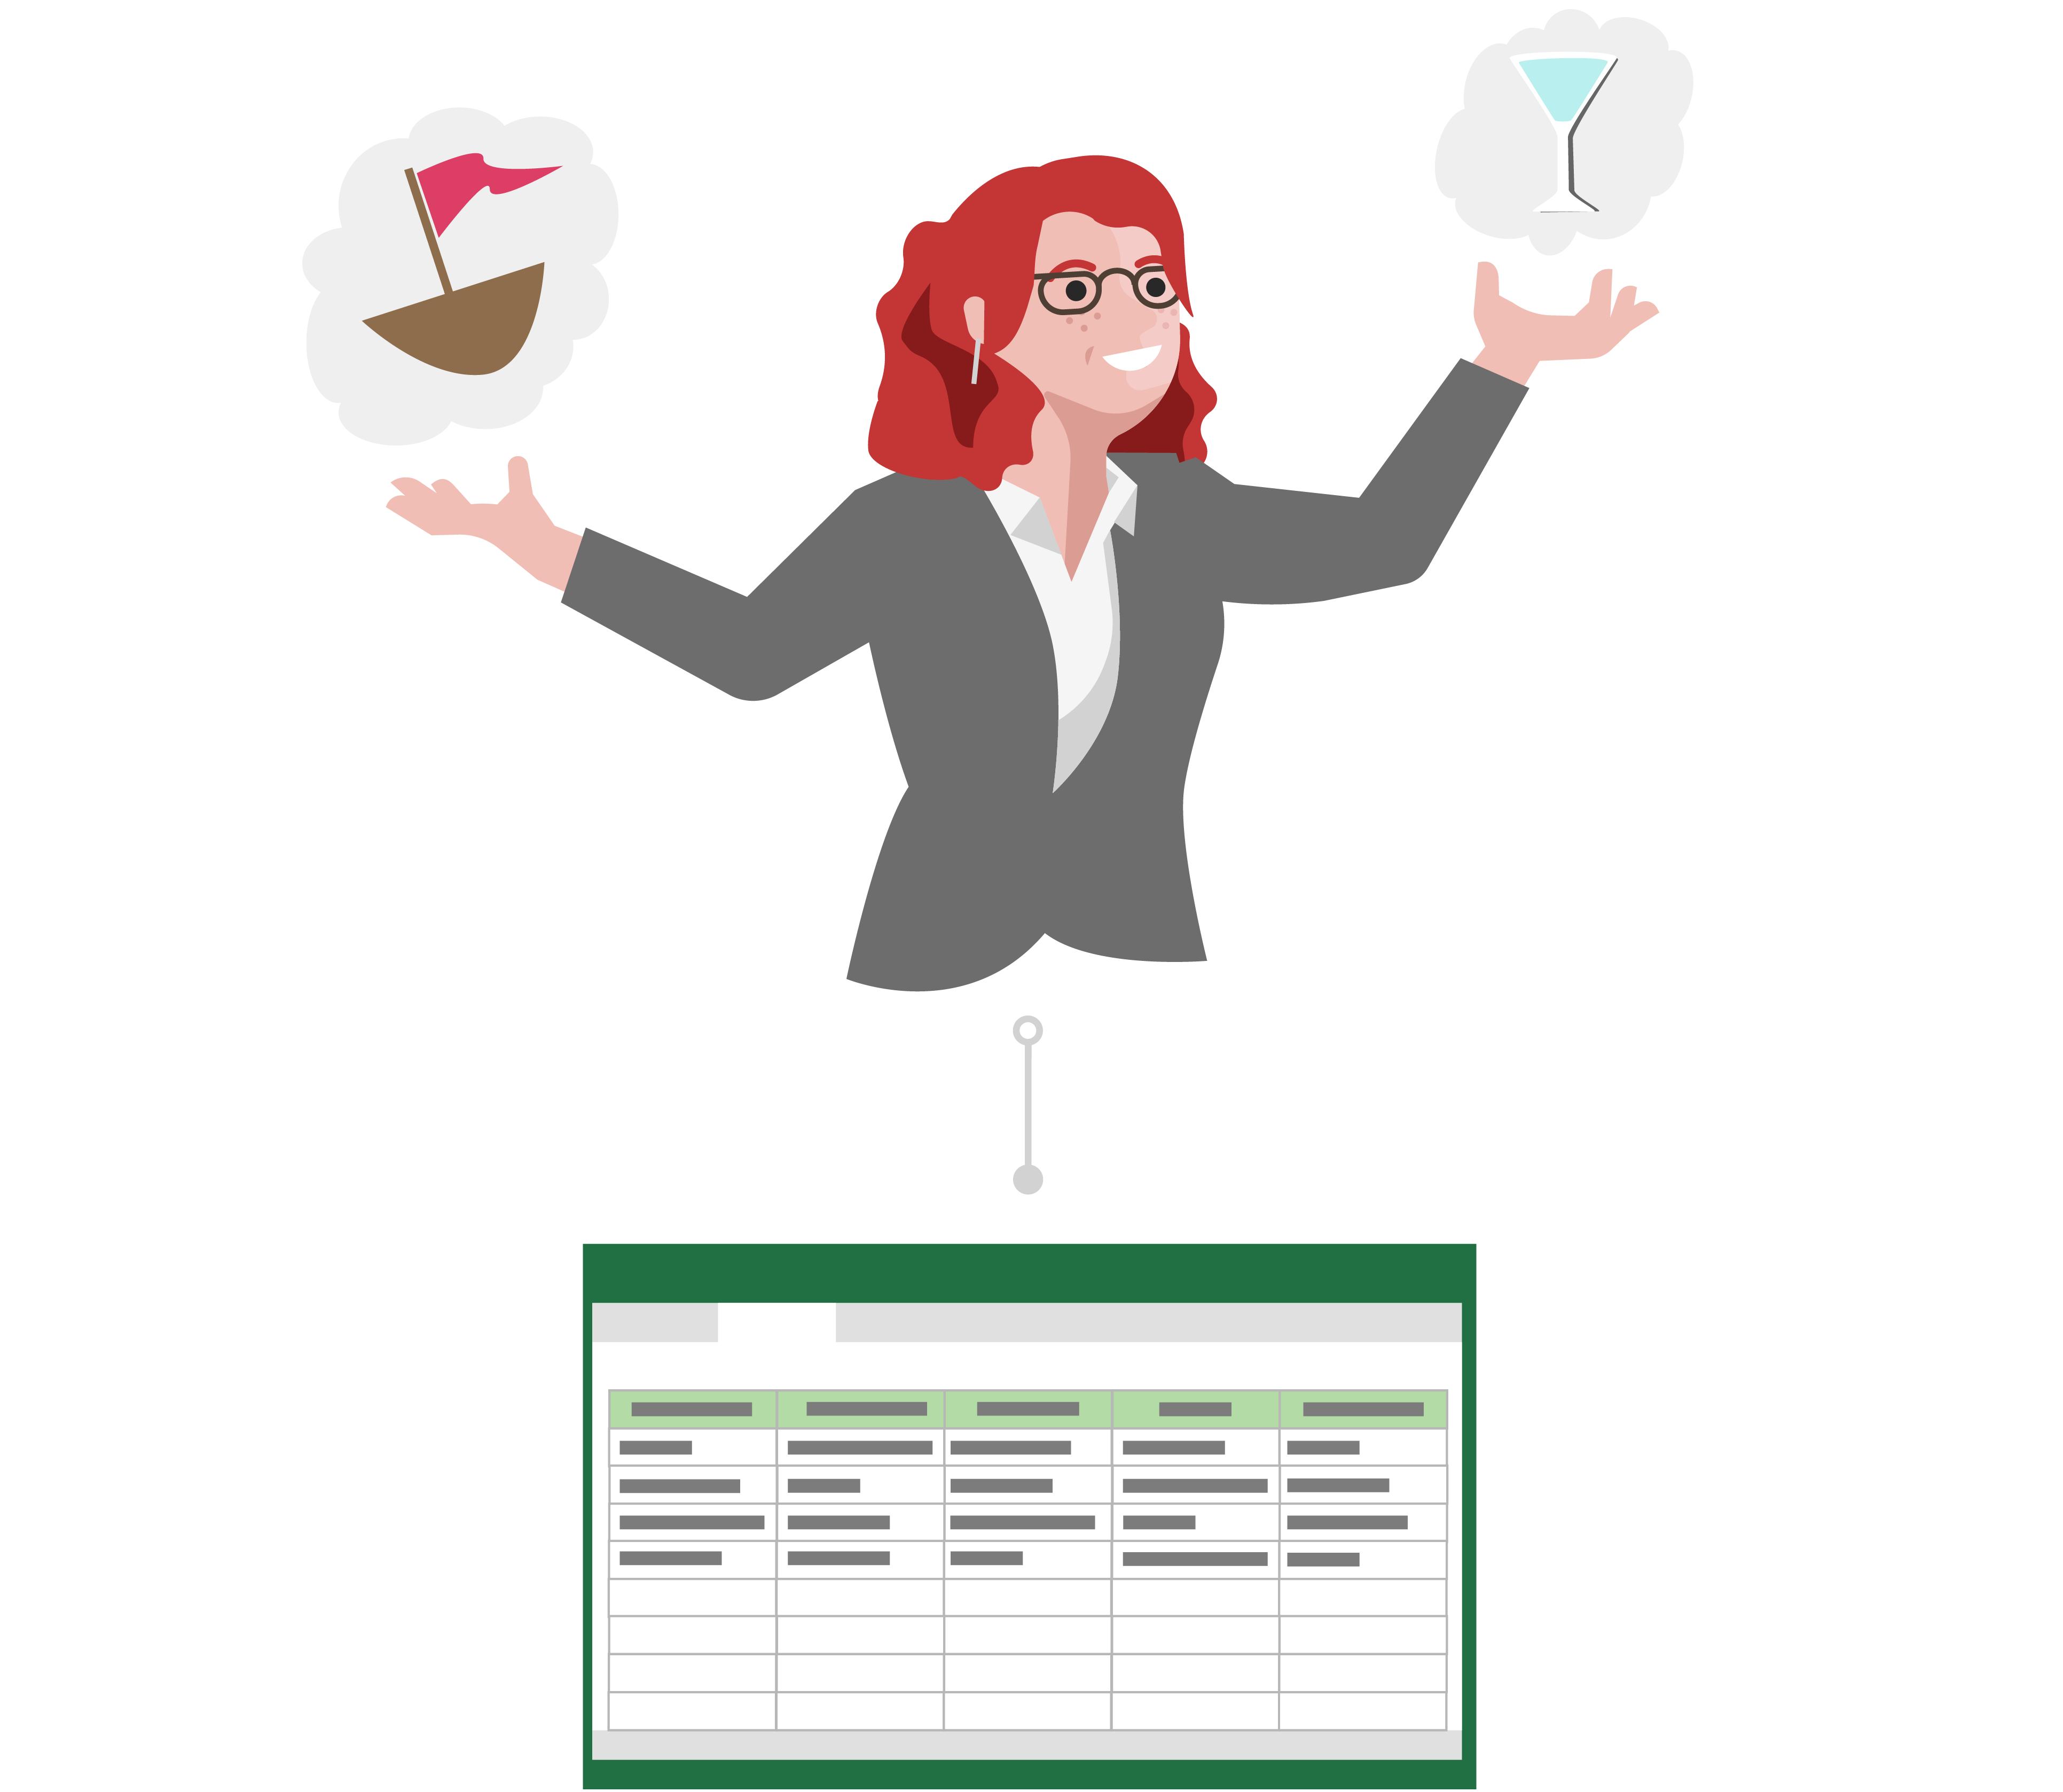 Η Linda χρειάζεται σχόλια για τις ιδέες της, ώστε να δημιουργεί ένα υπολογιστικό φύλλο και να αποθηκεύει στο cloud.